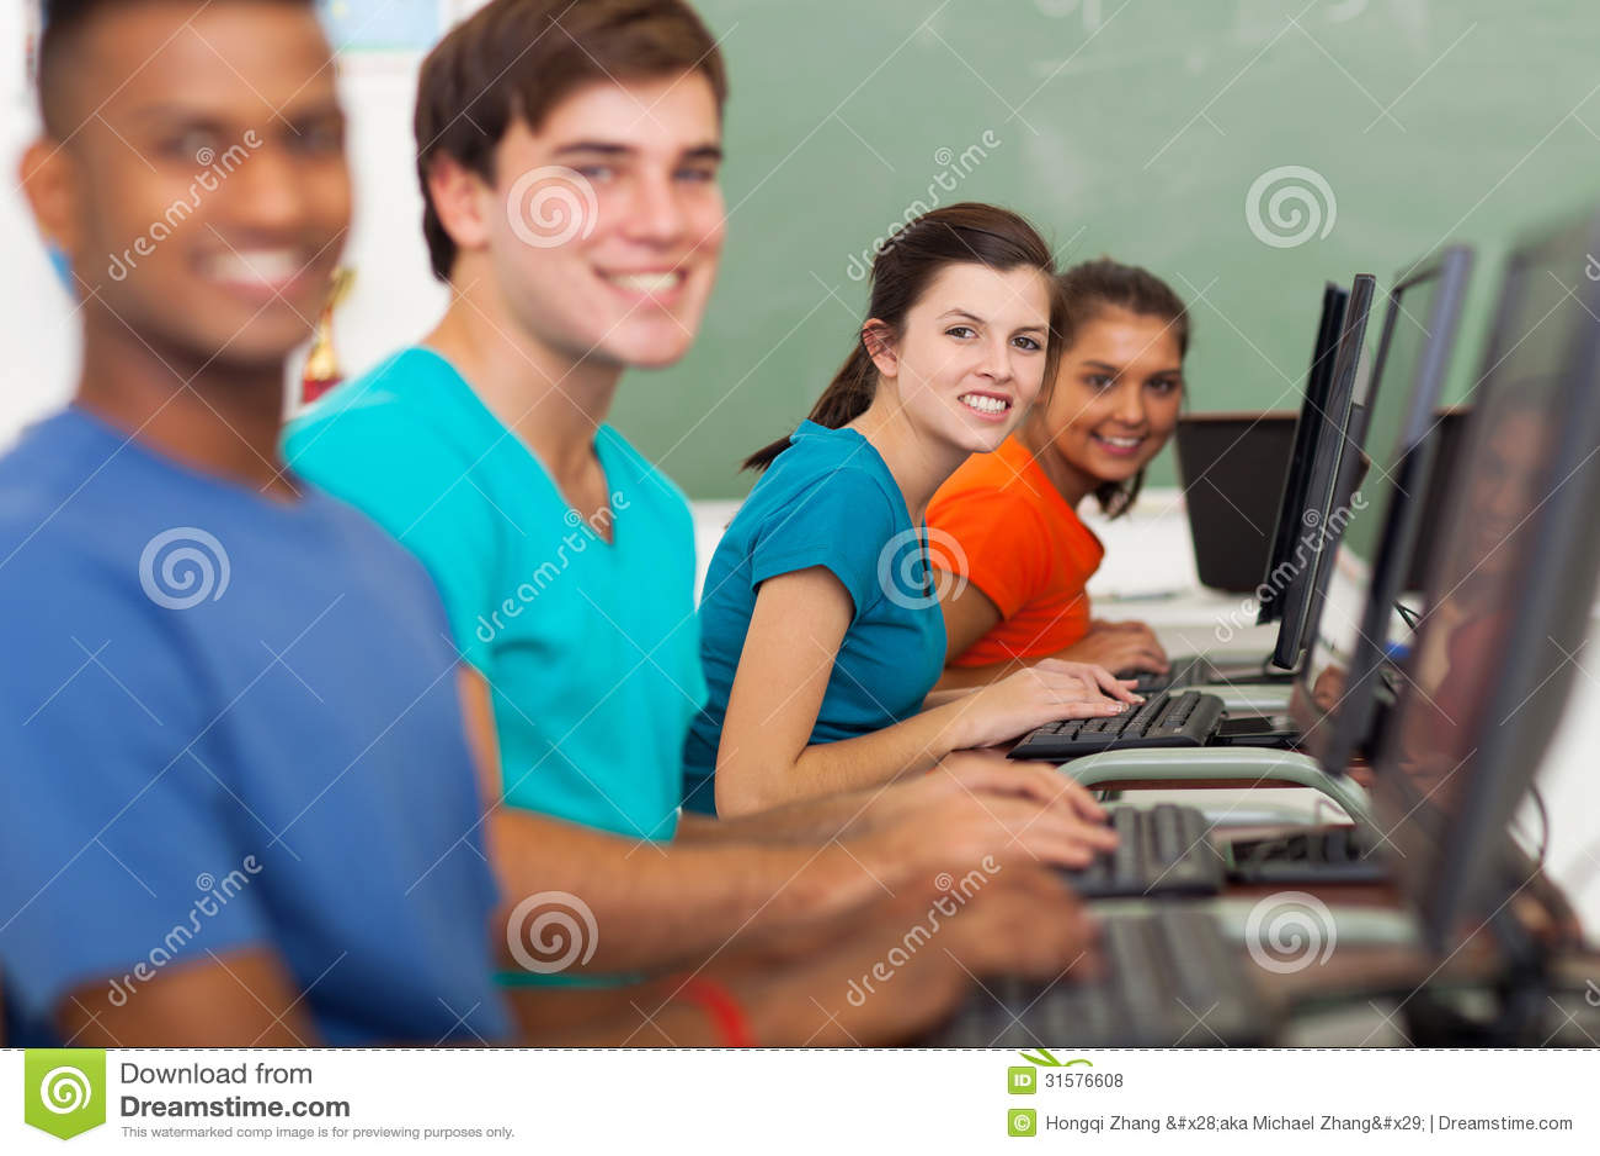 School students computers